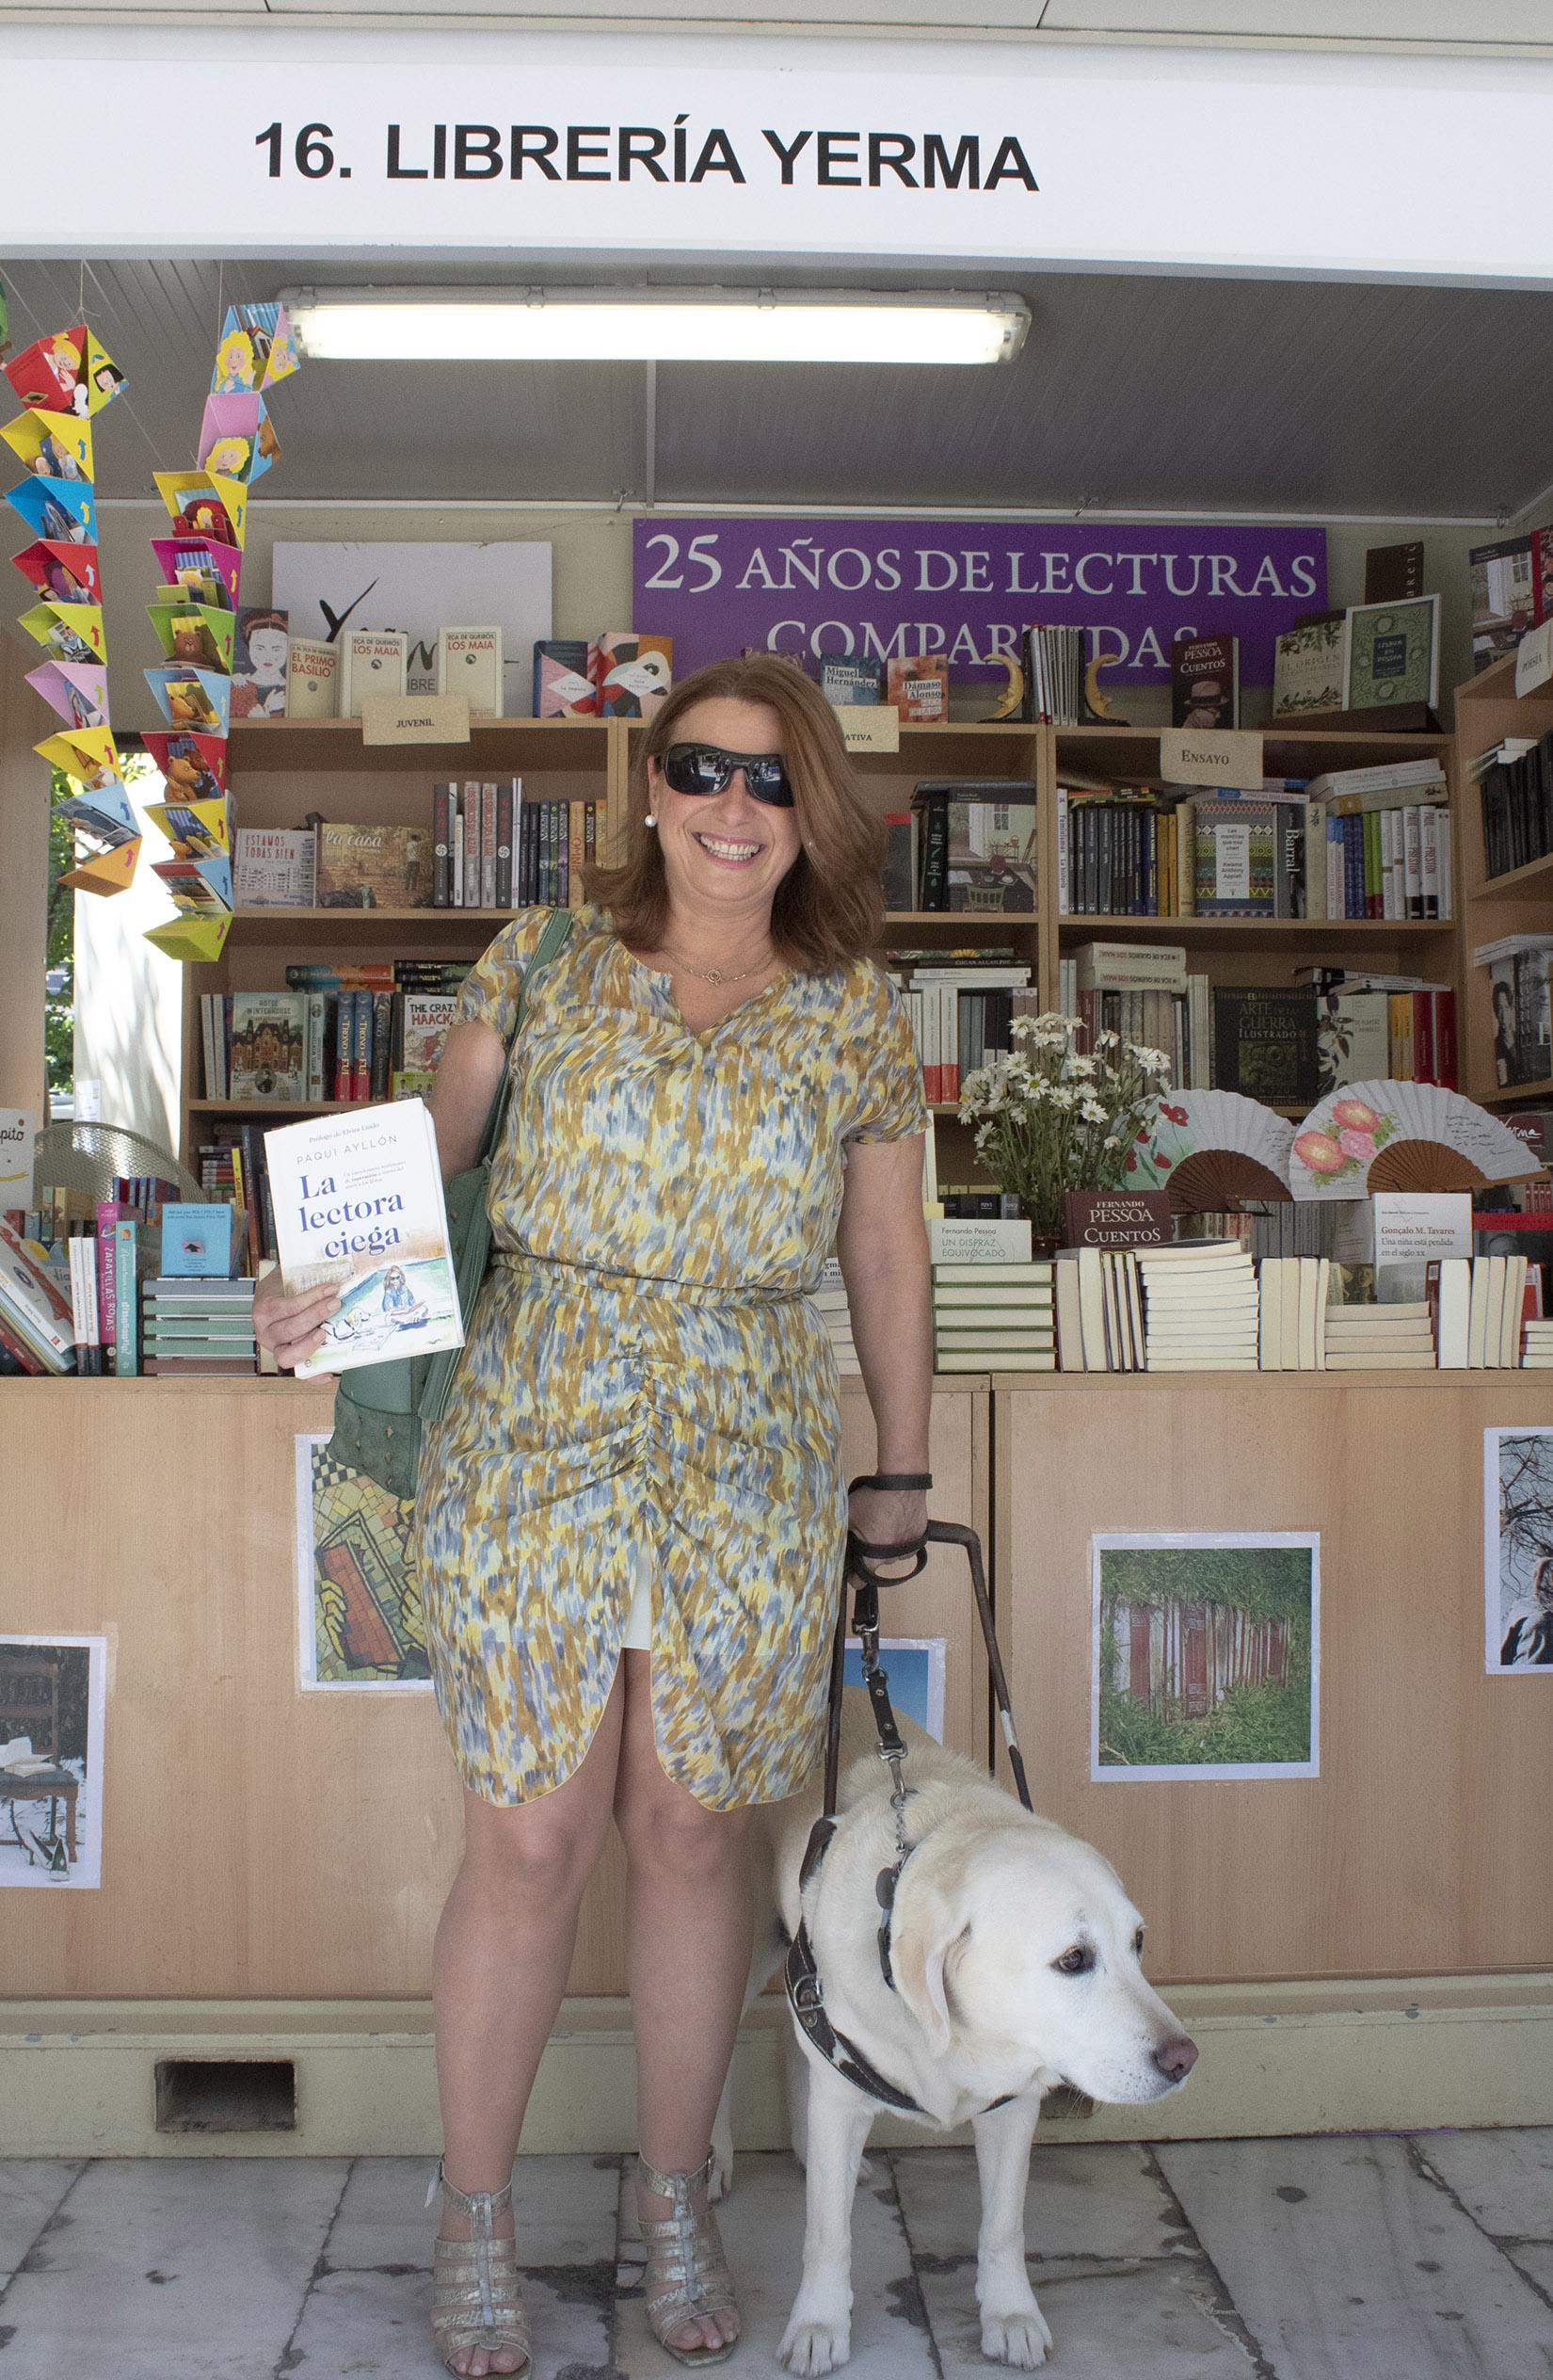 """Paqui Ayllón: """"La lectura es una gran pasión; me permite vivir"""""""